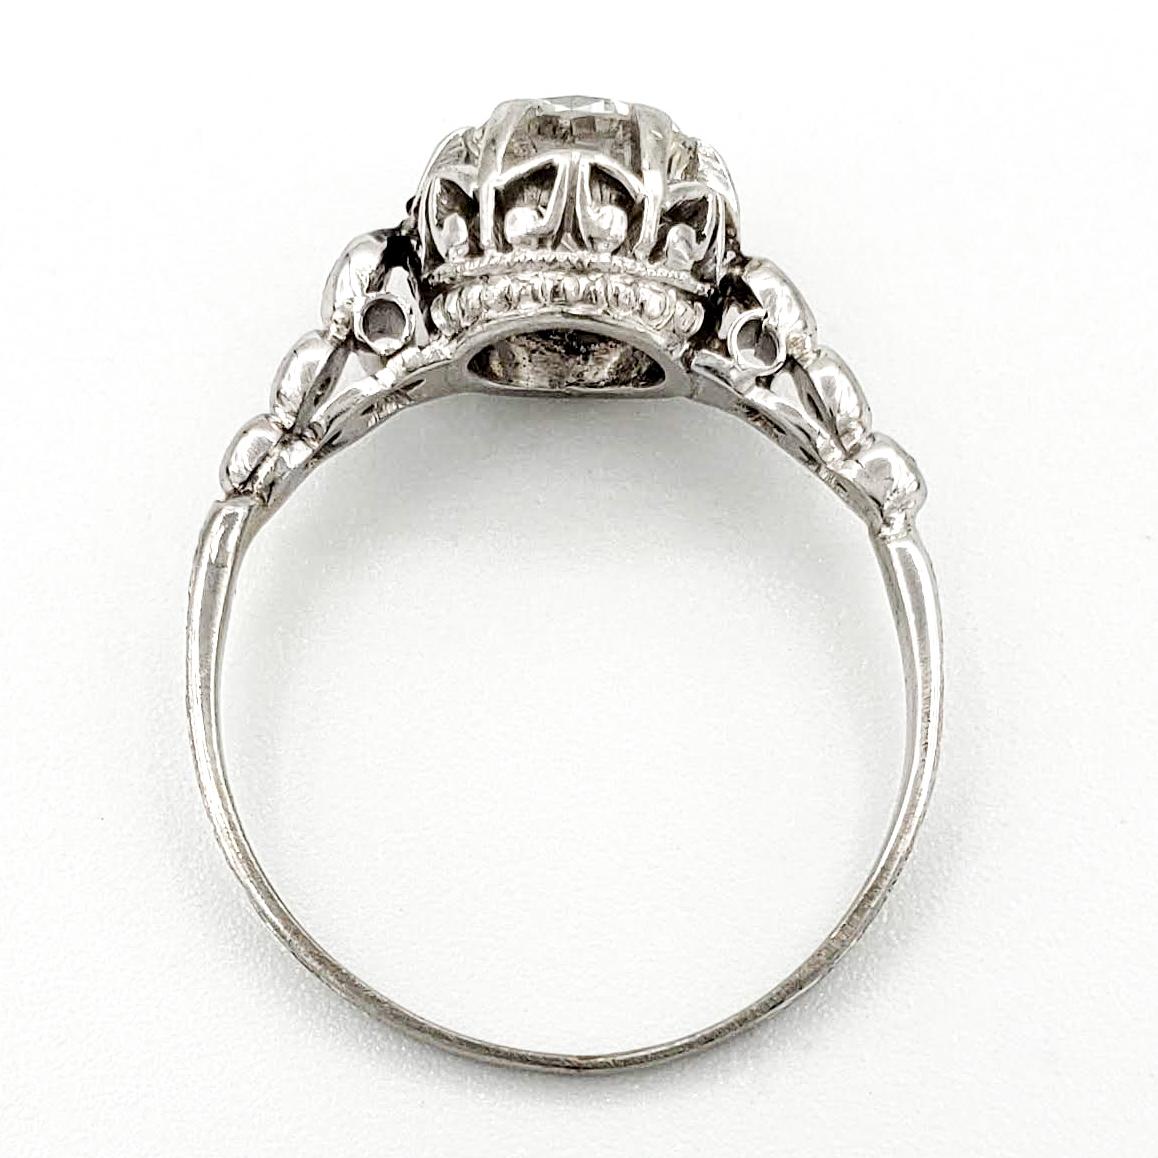 vintage-platinum-engagement-ring-with-0-57-carat-round-brilliant-cut-diamond-egl-f-si2